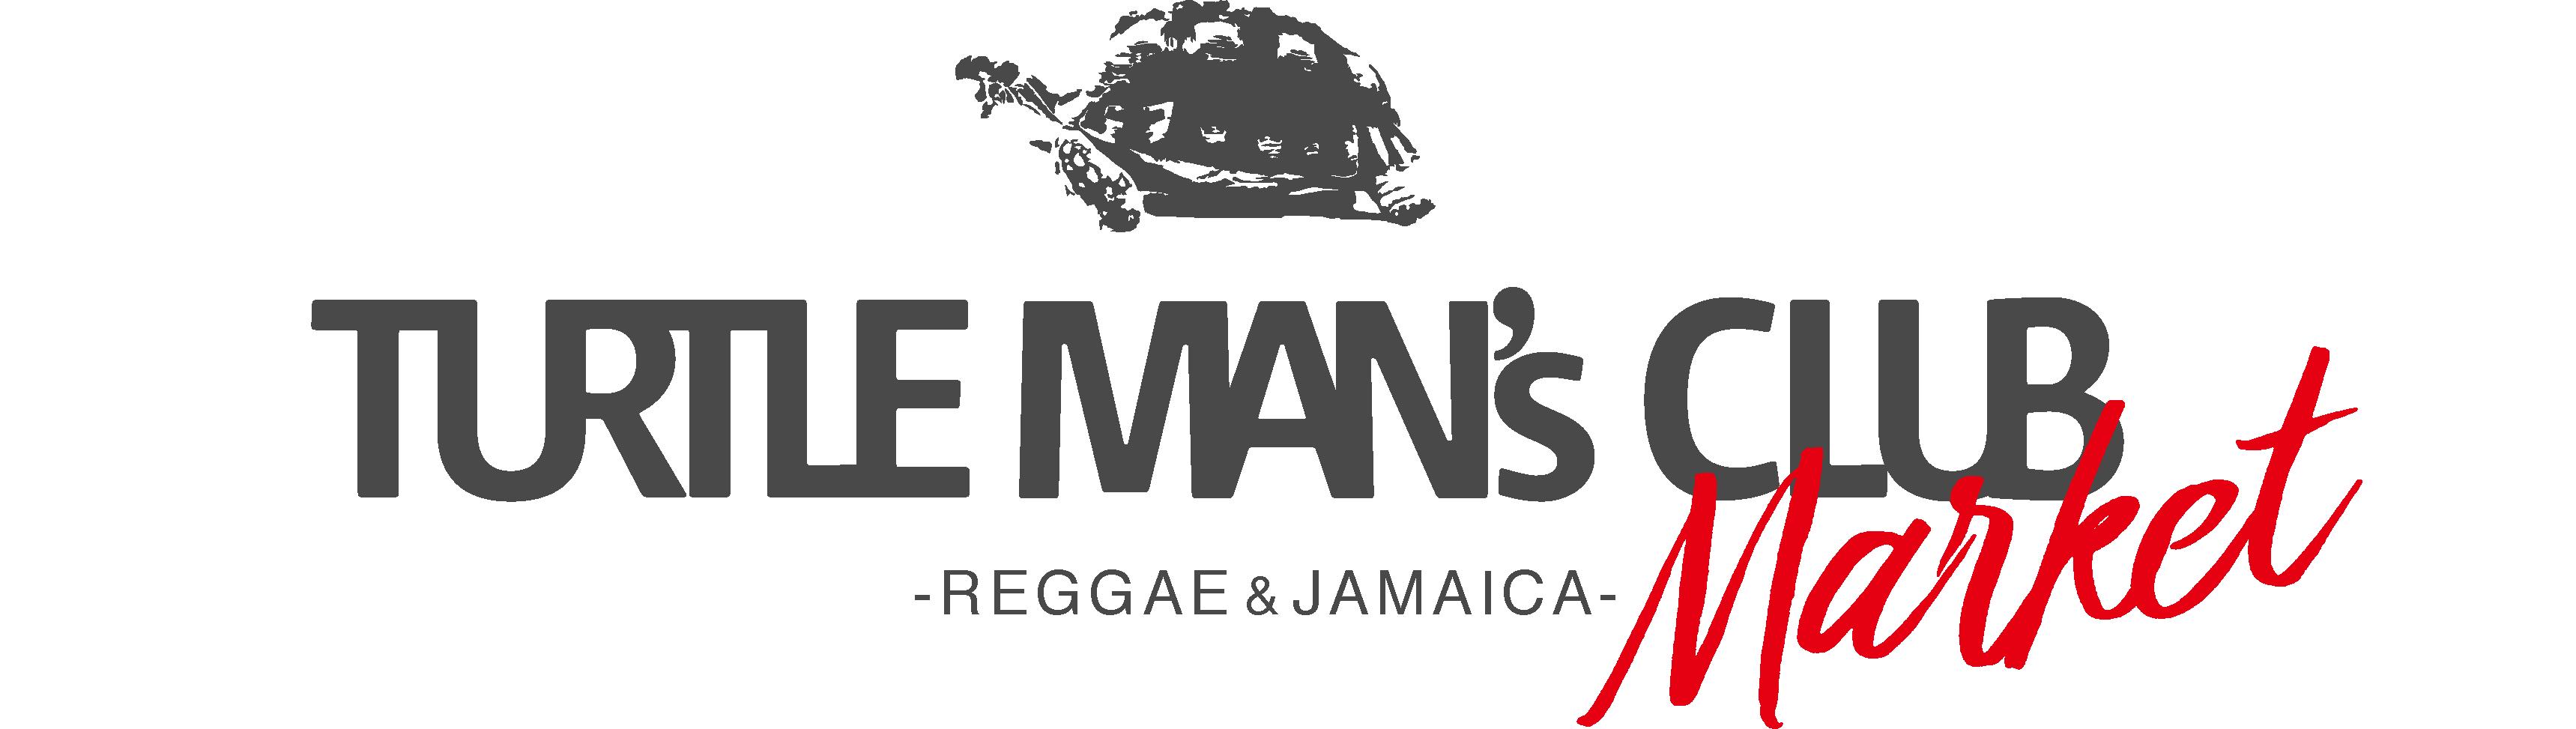 レゲエとジャマイカグッズ!TURTLE MAN's CLUB MARKET